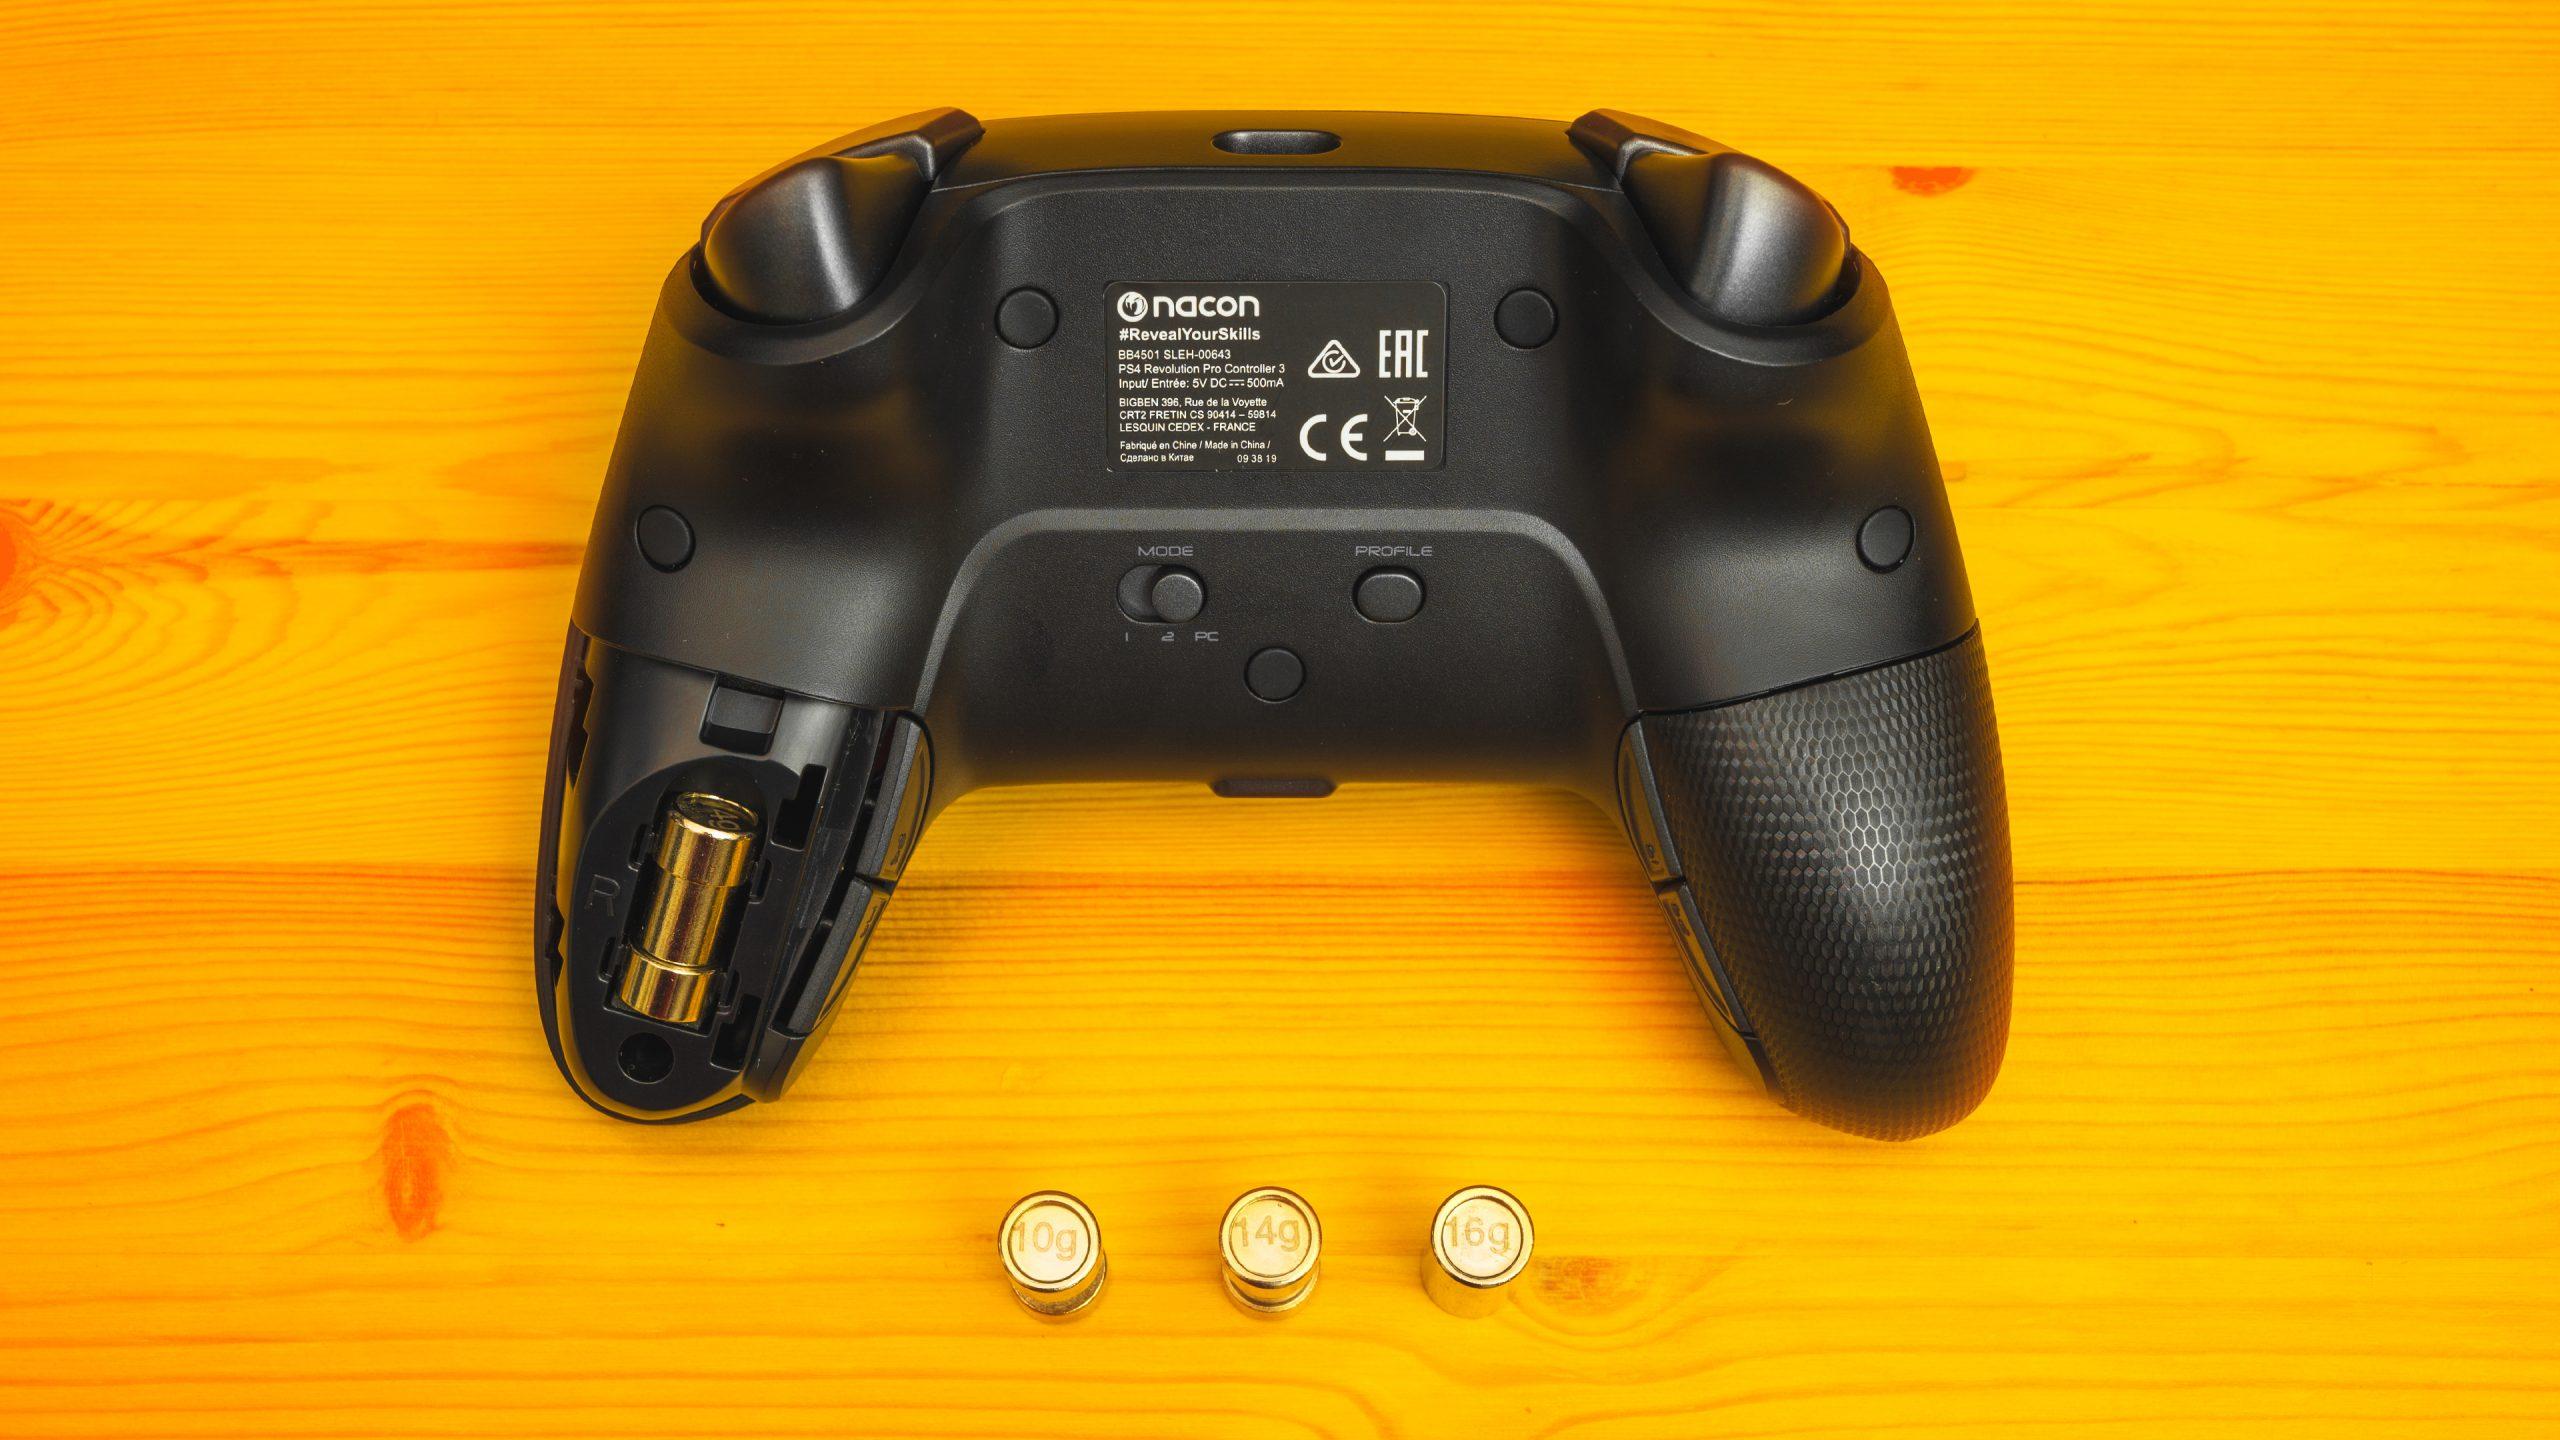 Achterzijde van de Nacon Revolution Pro 3 (met daarop verschillende profielknoppen) en drie verschillende gewichtjes, welke in de palmsteunen van de controller geplaatst kunnen worden.